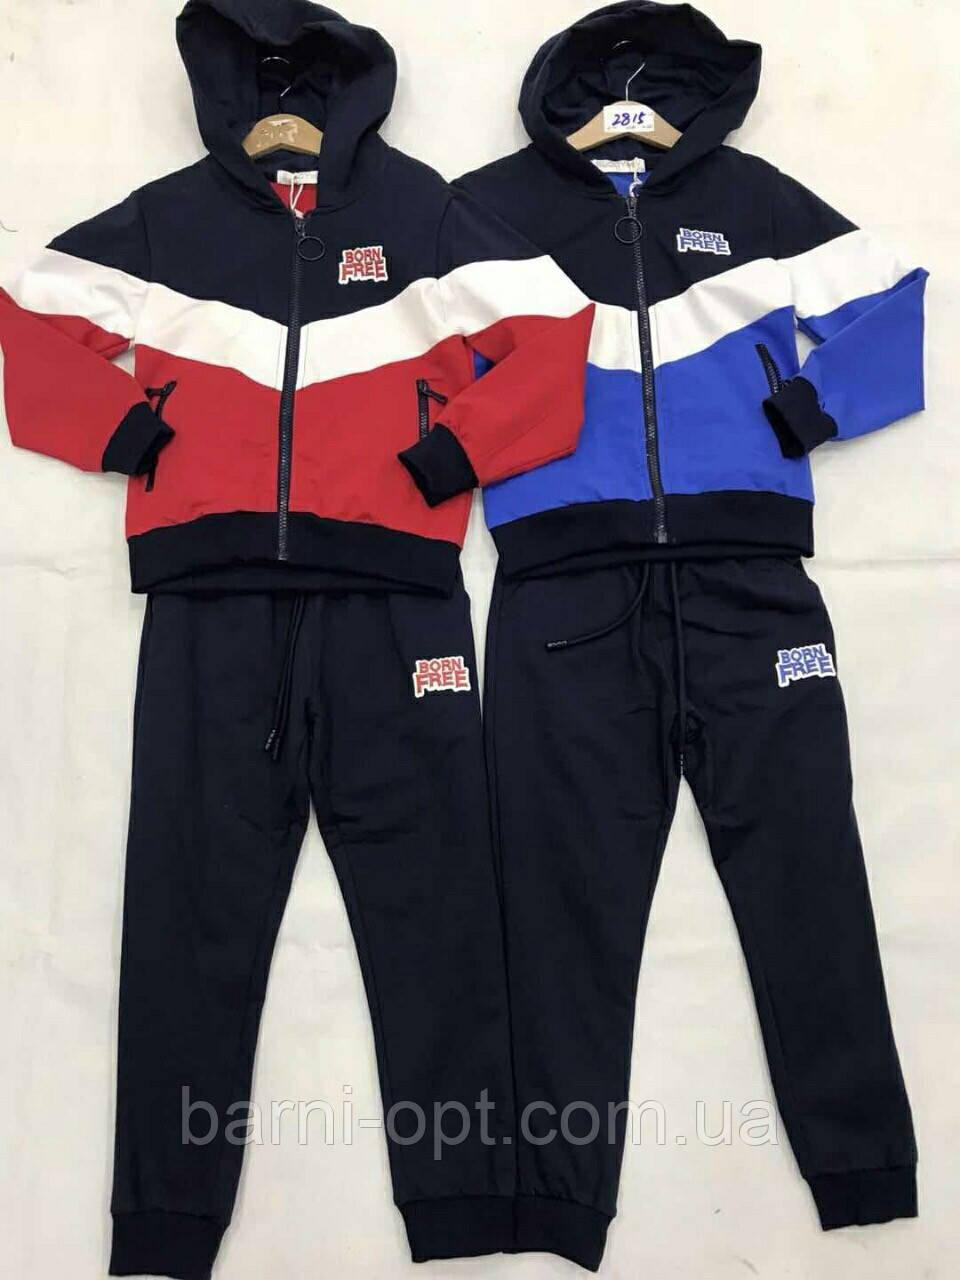 1ee4deab Трикотажный спортивный костюм на мальчика оптом, F&D, 4-12 рр ...